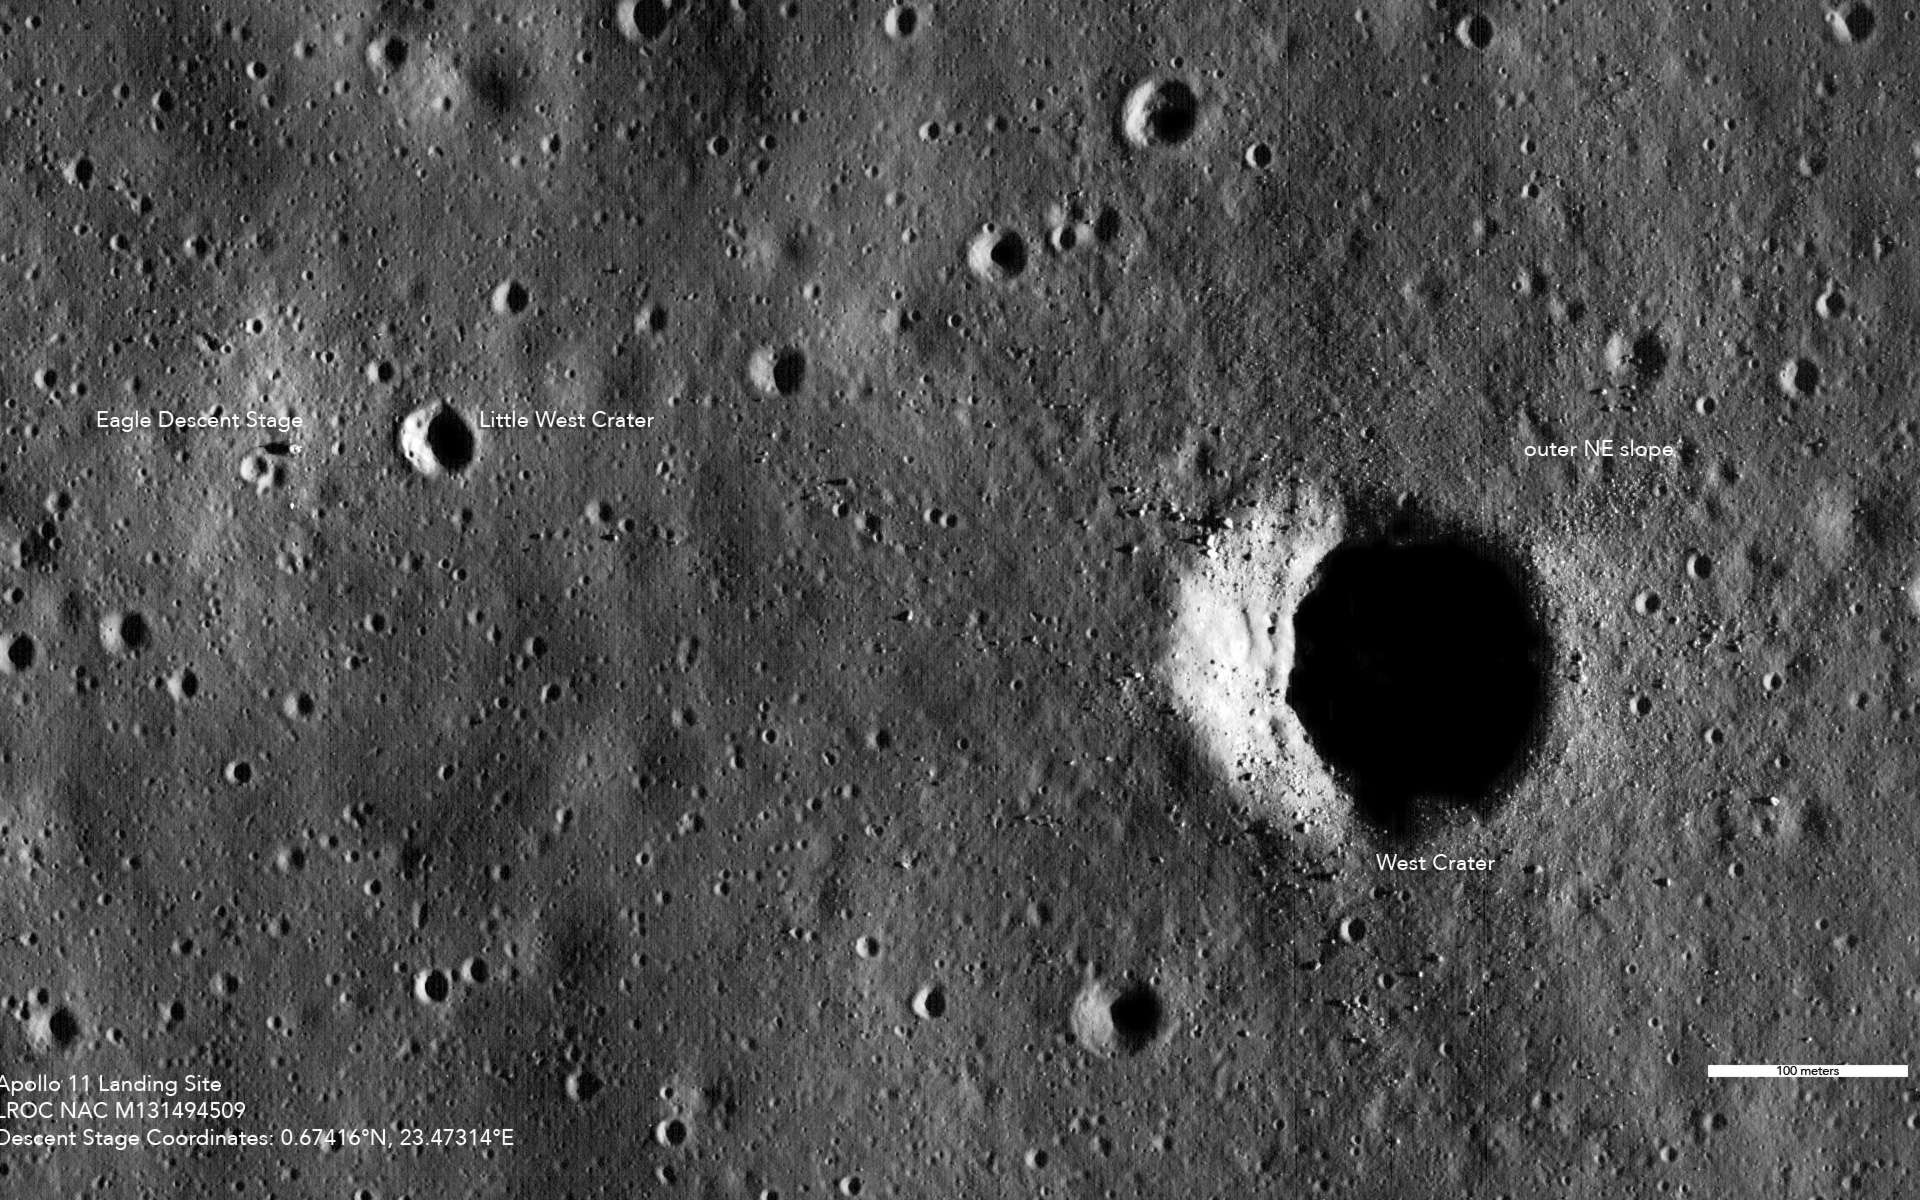 Le site d'alunissage d'Apollo 11 vu par la sonde LRO de la Nasa. À gauche, la version HD de cette image permet de voir distinctement le module lunaire Eagle et de discerner les traces de pas des astronautes Armstrong et Aldrin. © Nasa/Goddard/Arizona State University